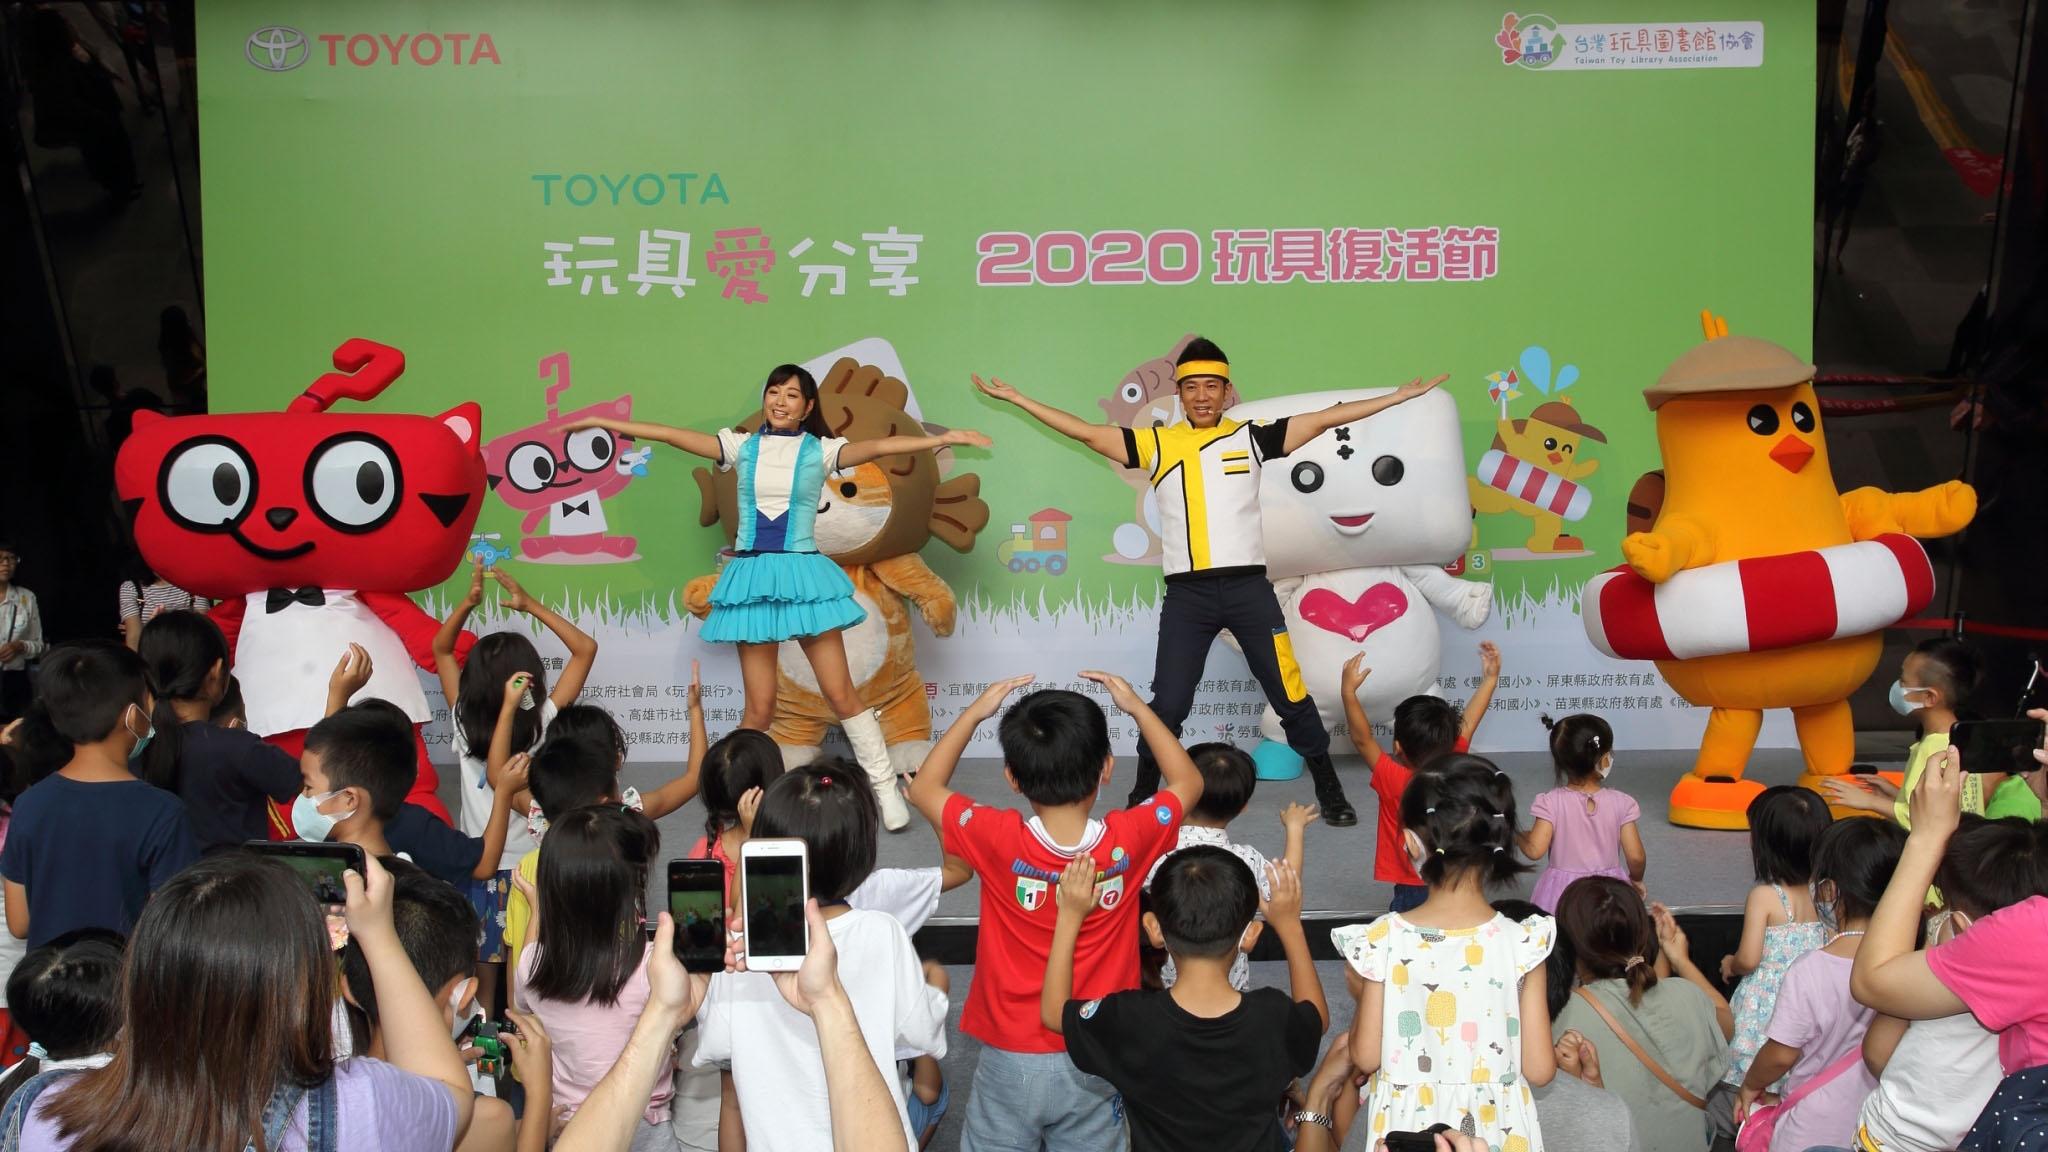 2020 年 Toyota 玩具復活節,首場活動千人響應